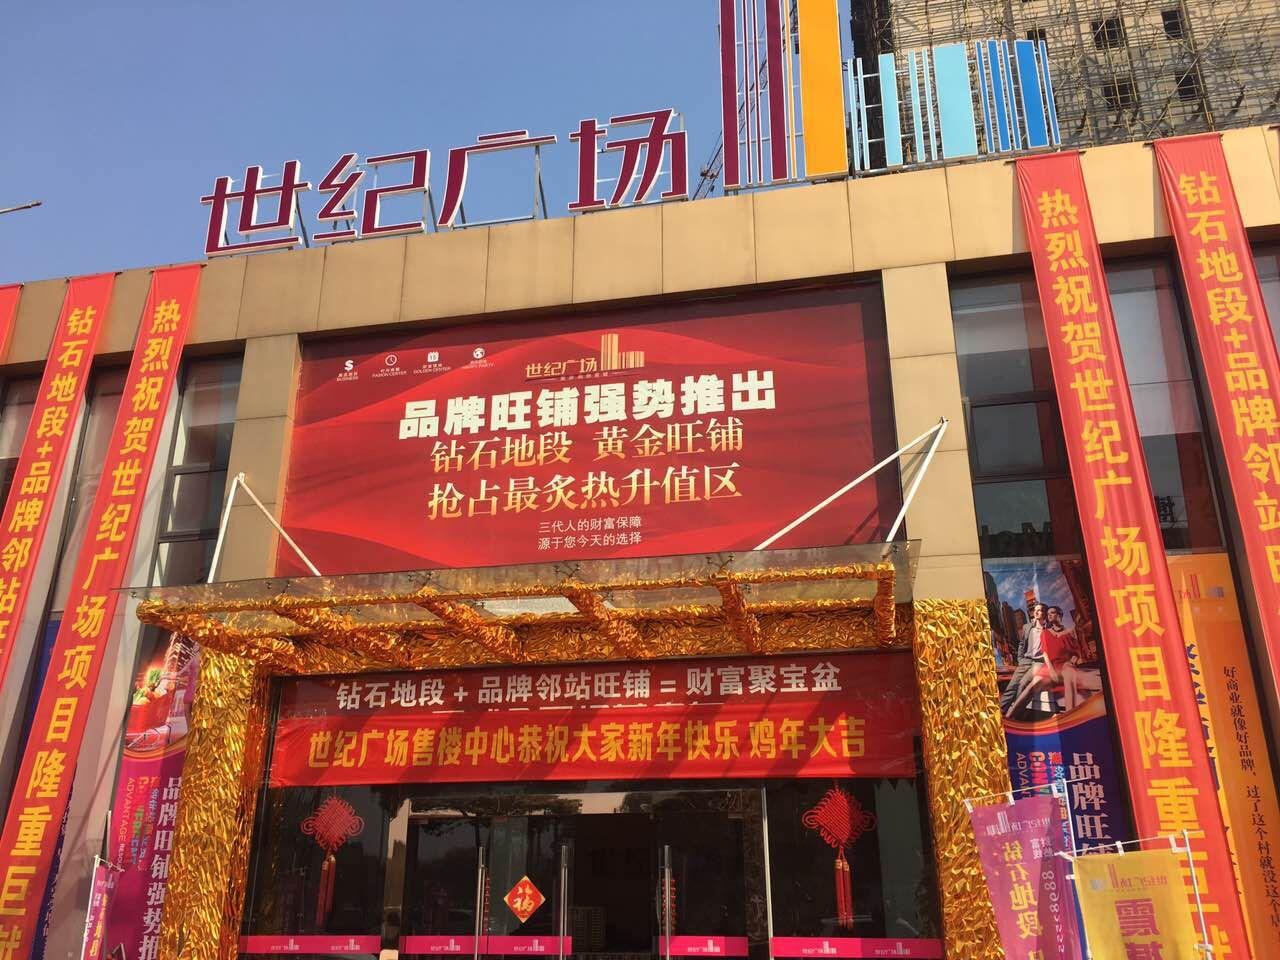 桐乡世纪广场 桐乡新商业区 高端住宅 办公区